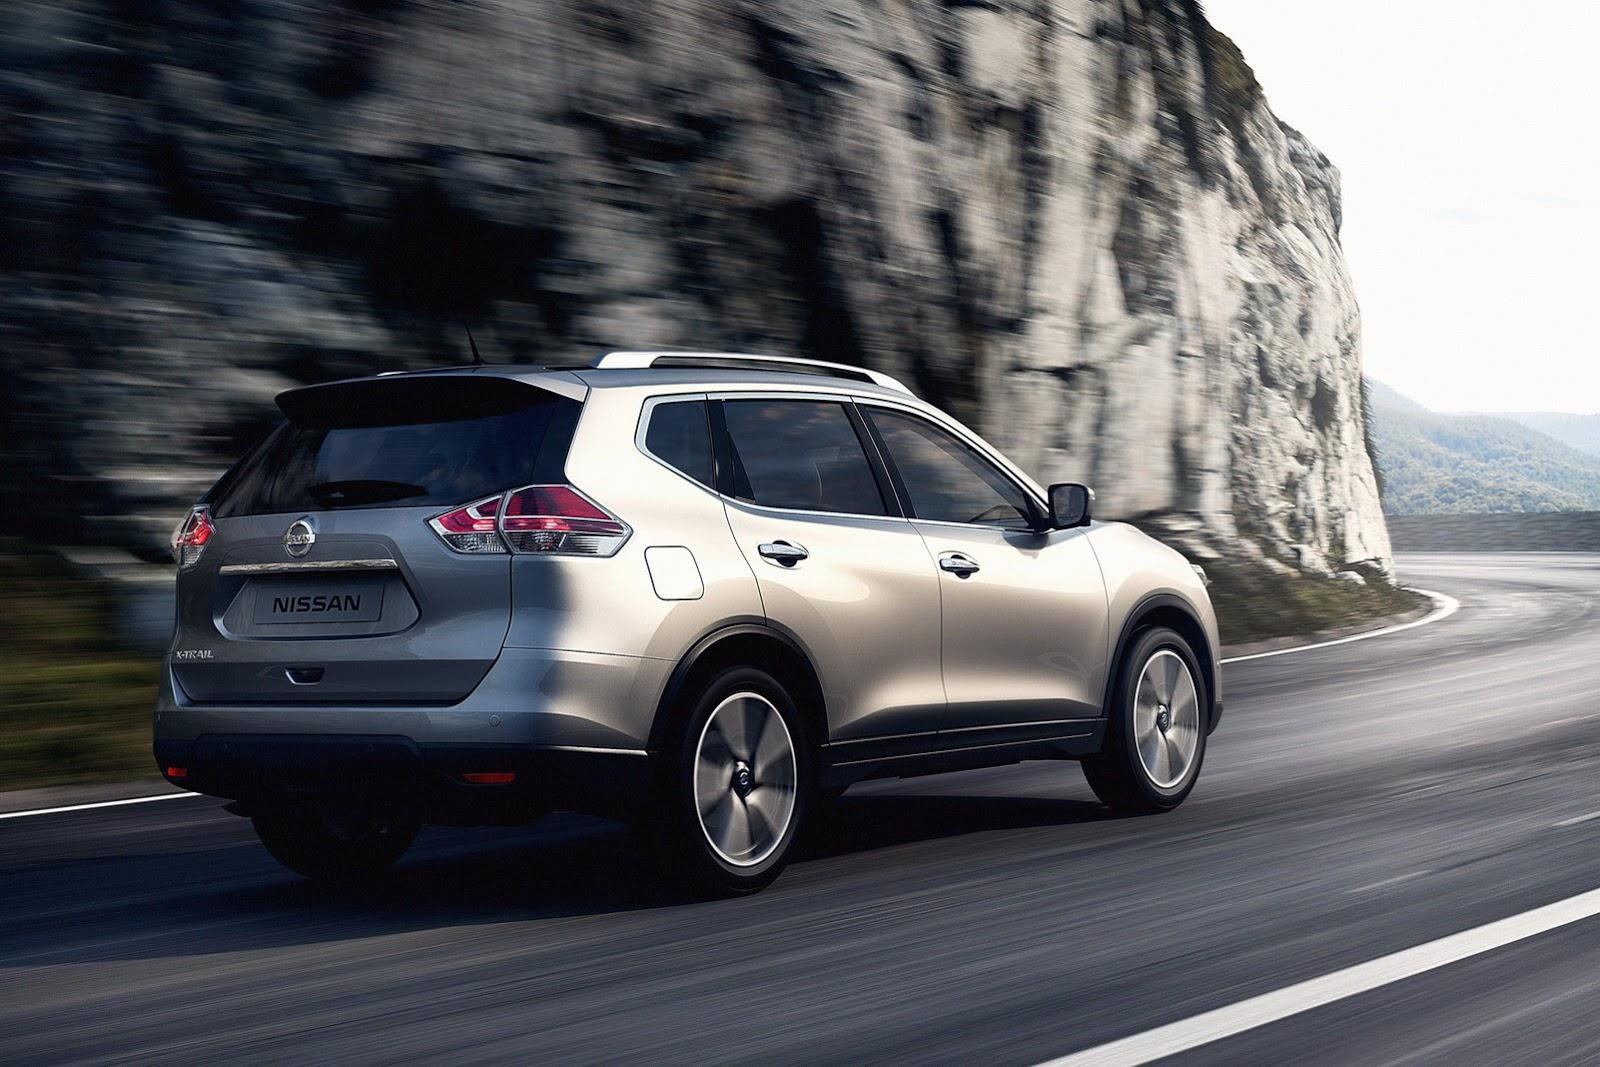 2014-Nissan-X-Trail-Rogue-5%25255B2%25255D.jpg